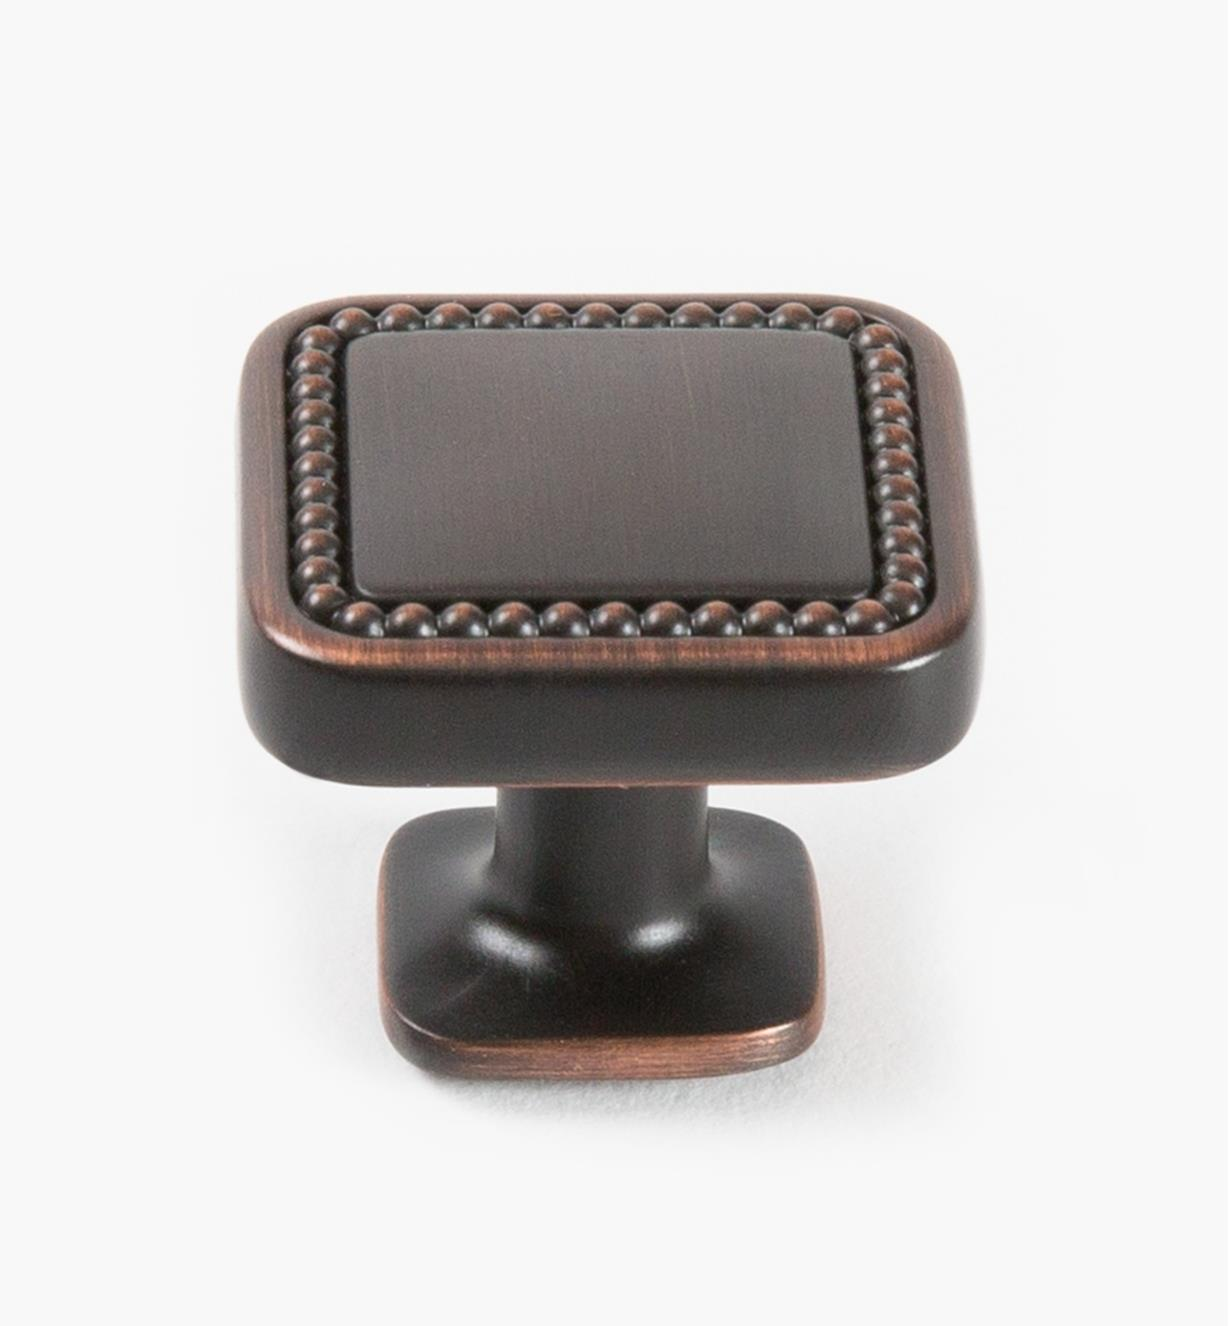 02A1630 - Bouton carré Carolyne, 32mm (1 1/4 po), bronze huilé, l'unité